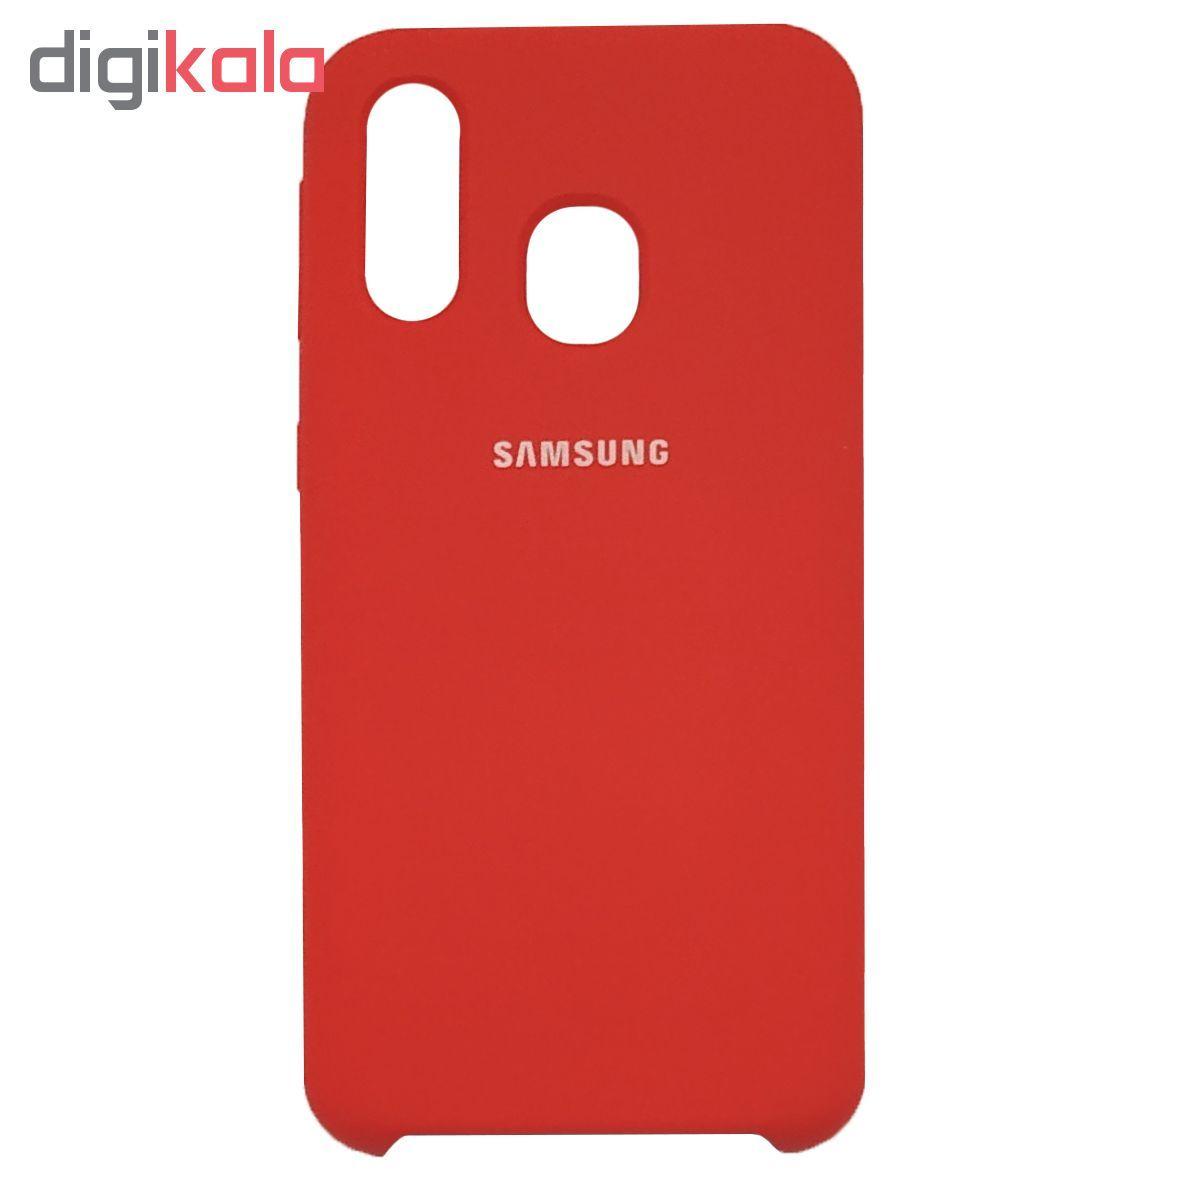 کاور مدل SIL-22 مناسب برای گوشی موبایل سامسونگ Galaxy A40 main 1 1